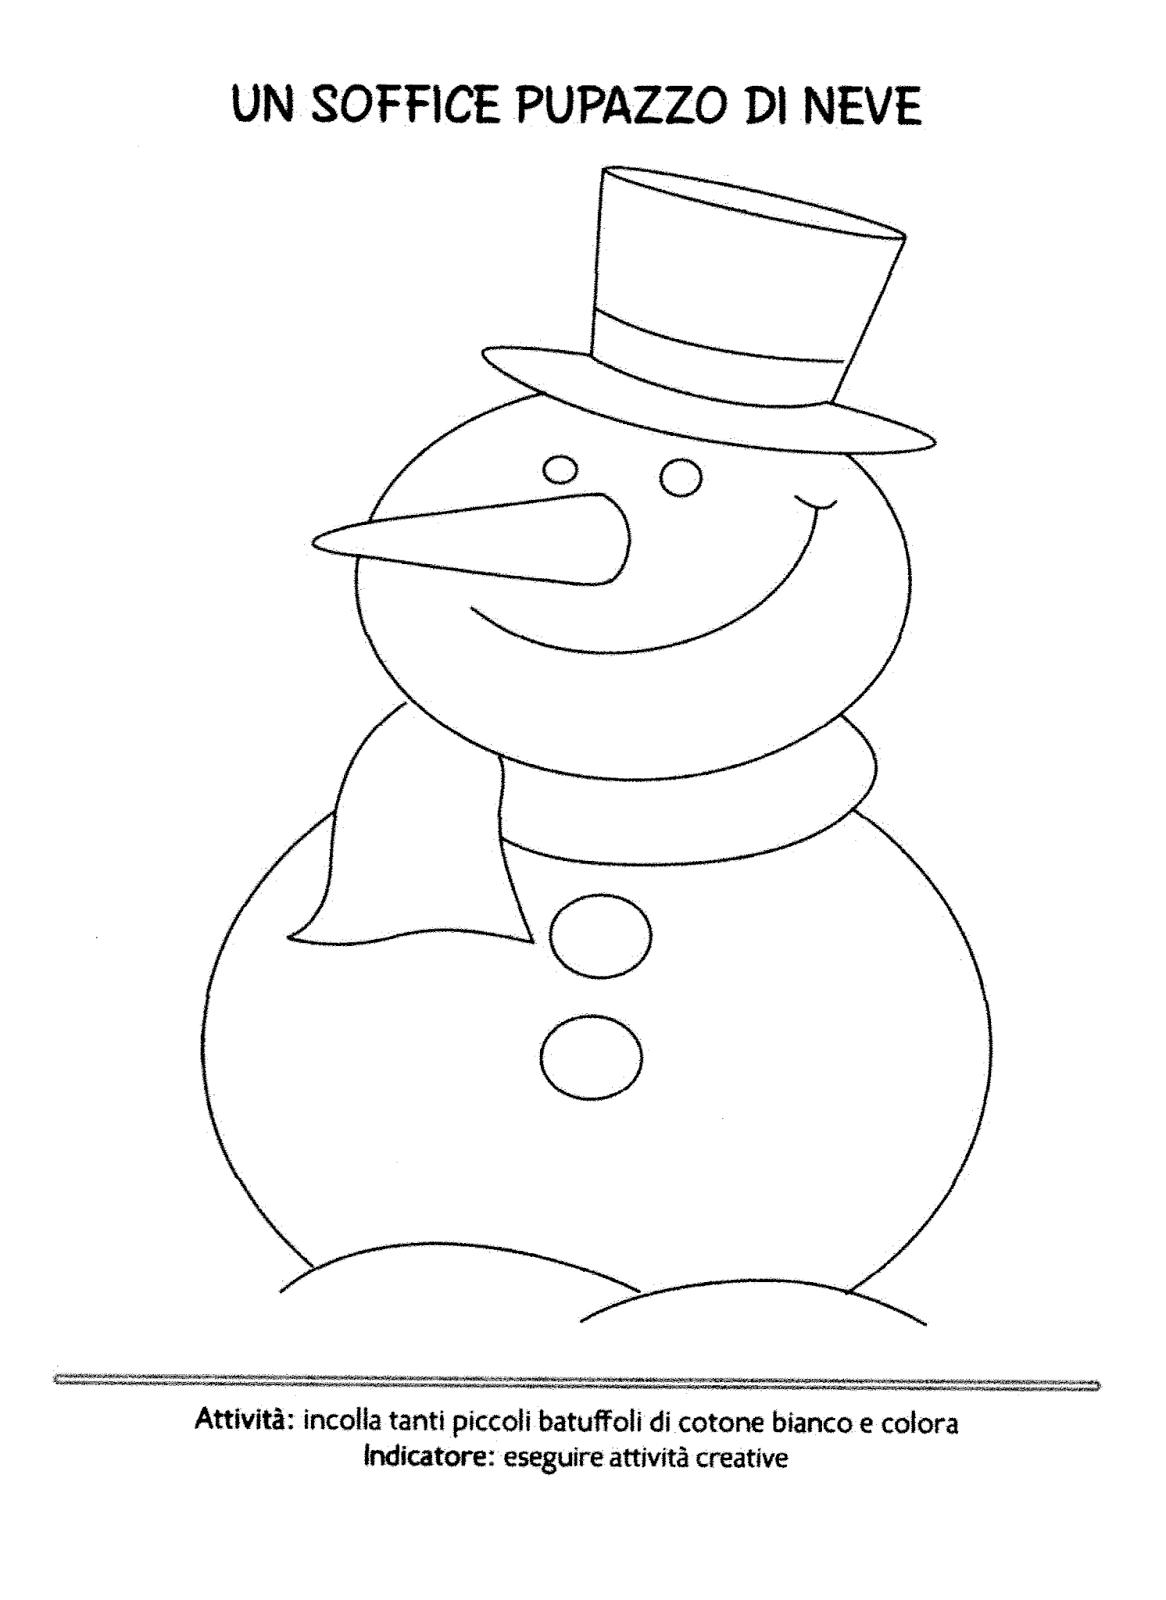 La maestra linda inverno il pupazzo di neve for Schede didattiche scuola infanzia 3 anni